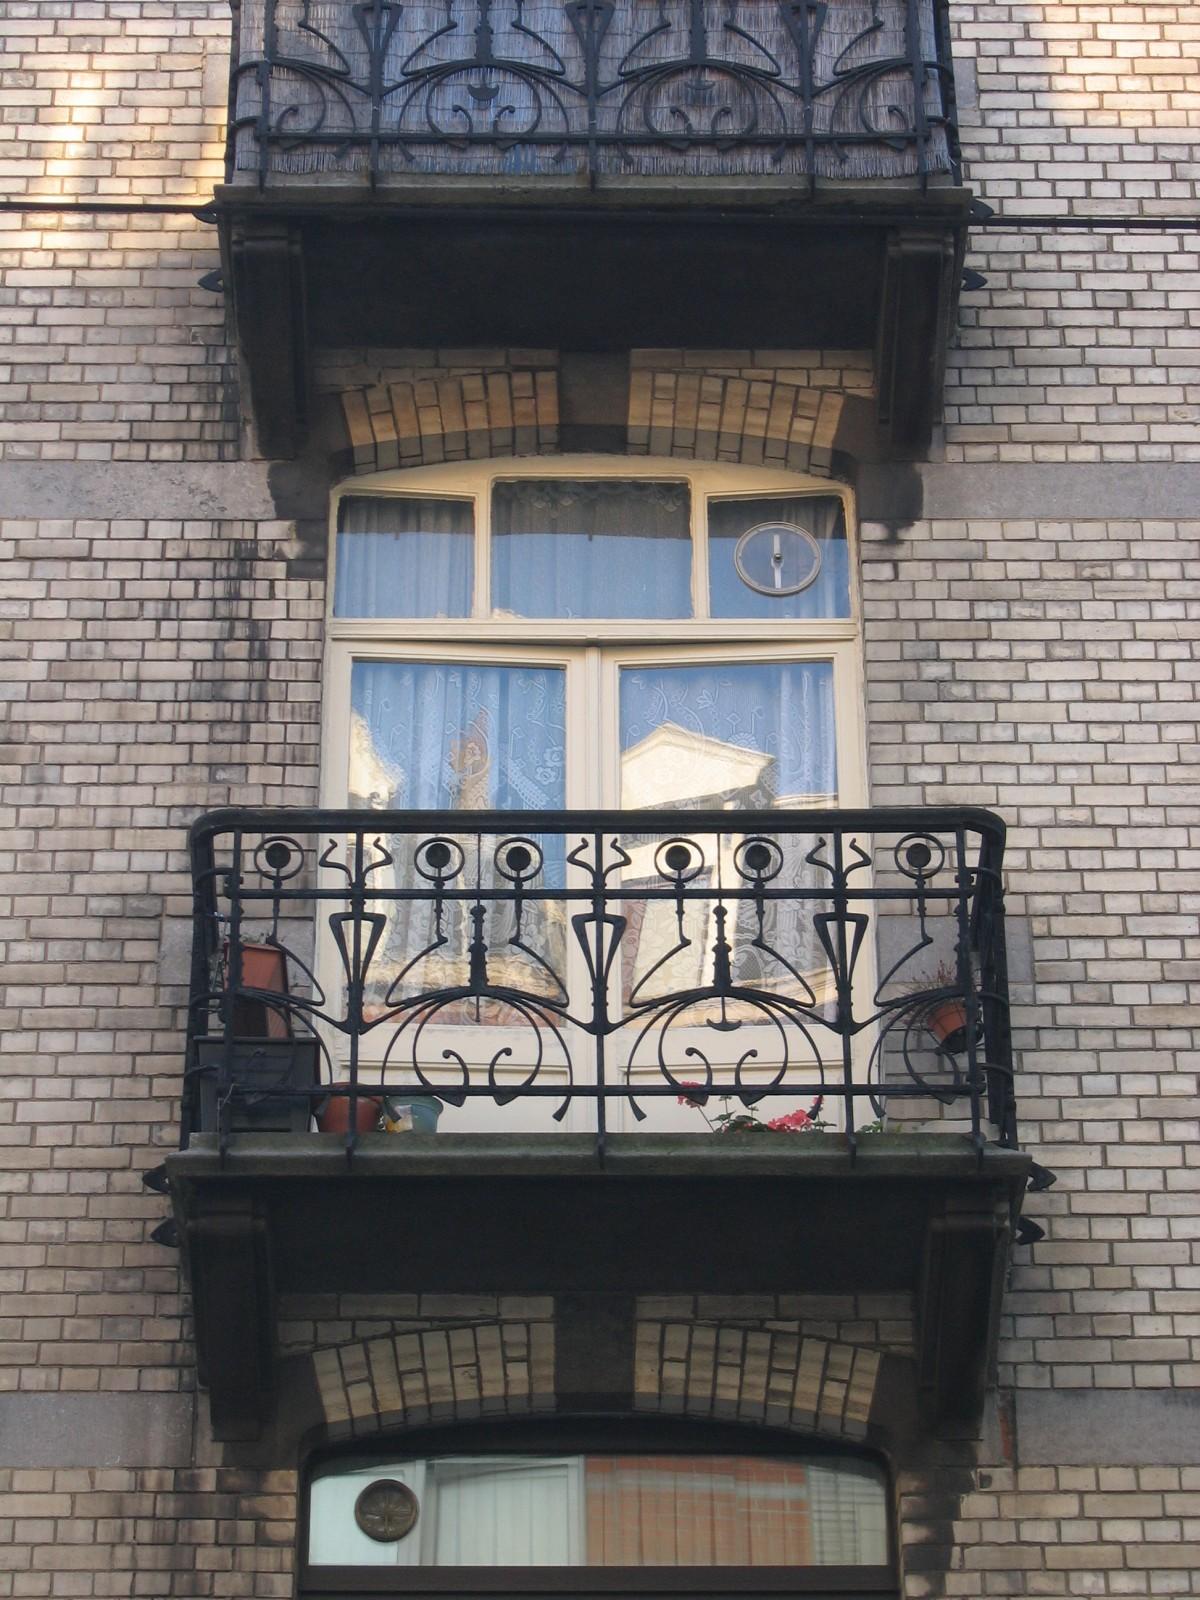 Morisstraat 62, balkon, 1899, arch. Jean-Pierre Van Oostveen., 2005